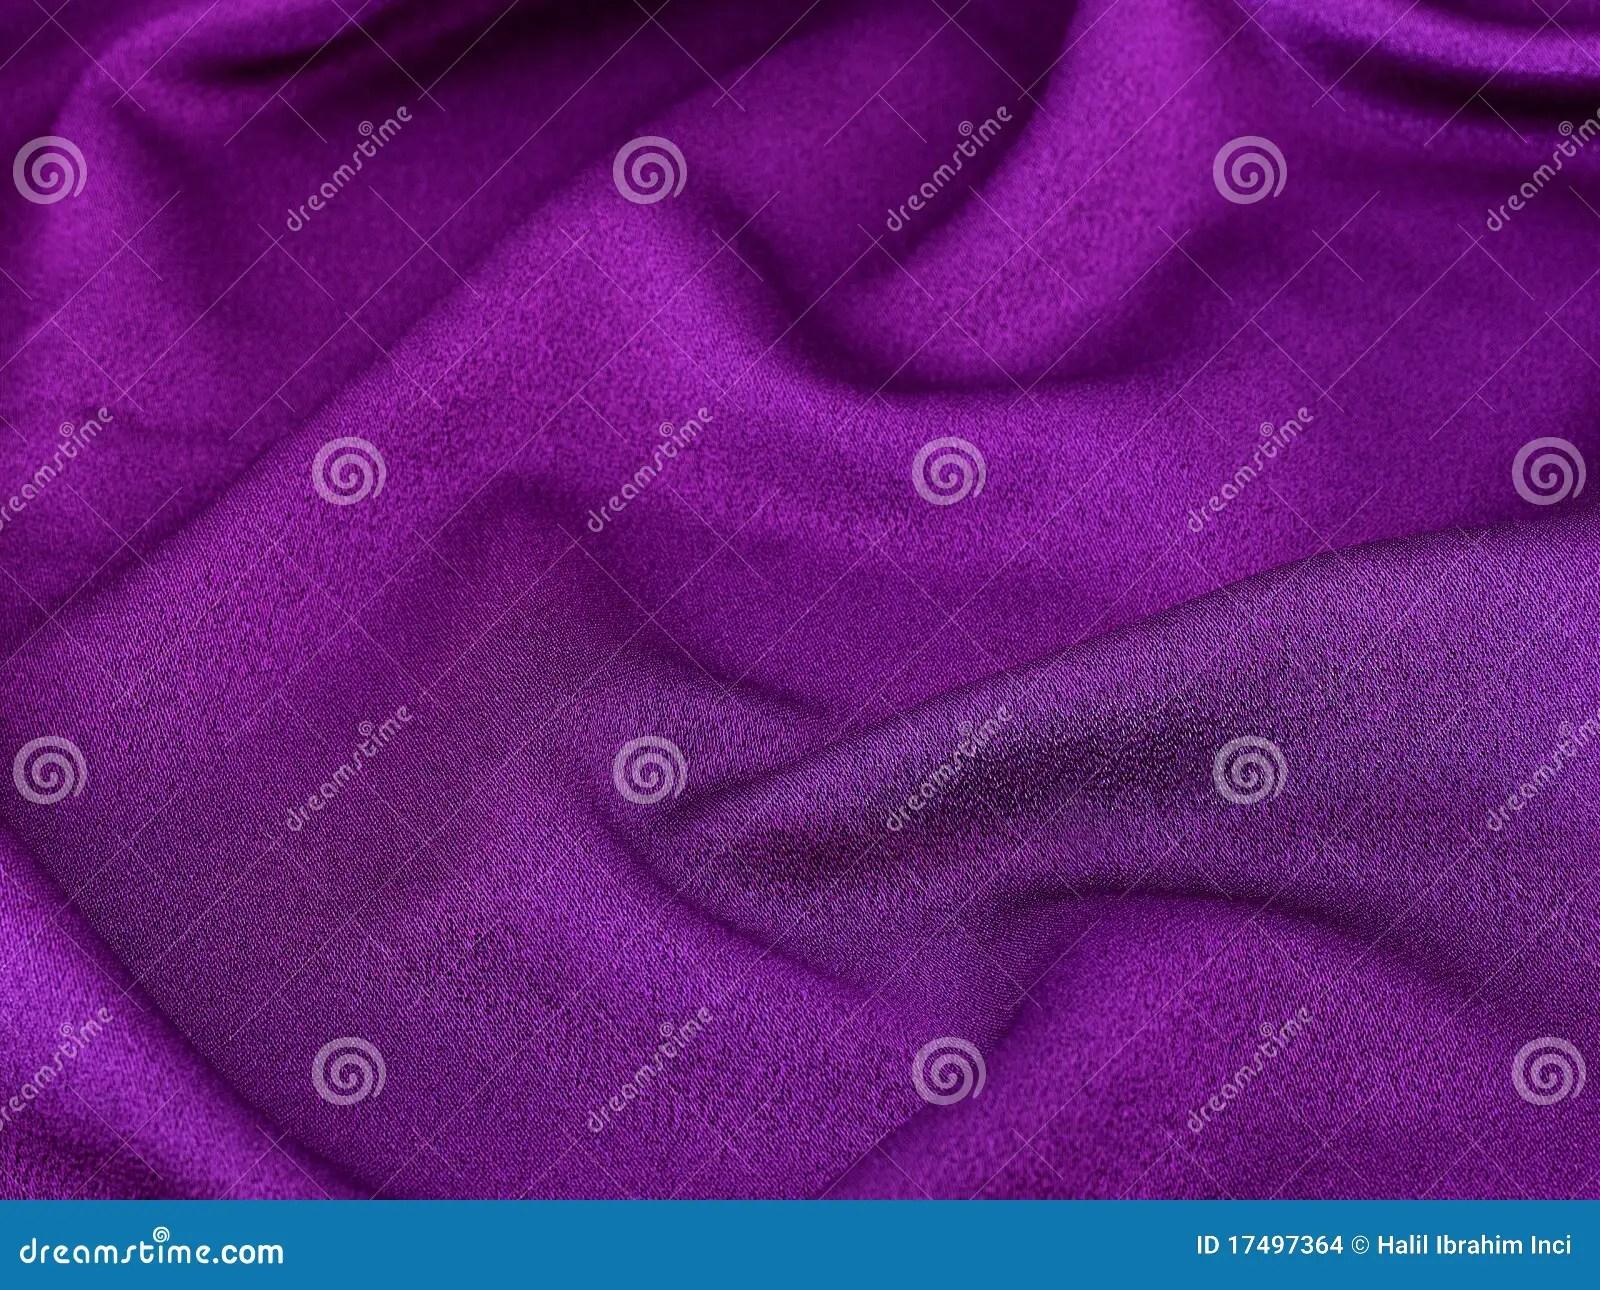 Shiny Purple Fabric Background Stock Photo  Image of soft